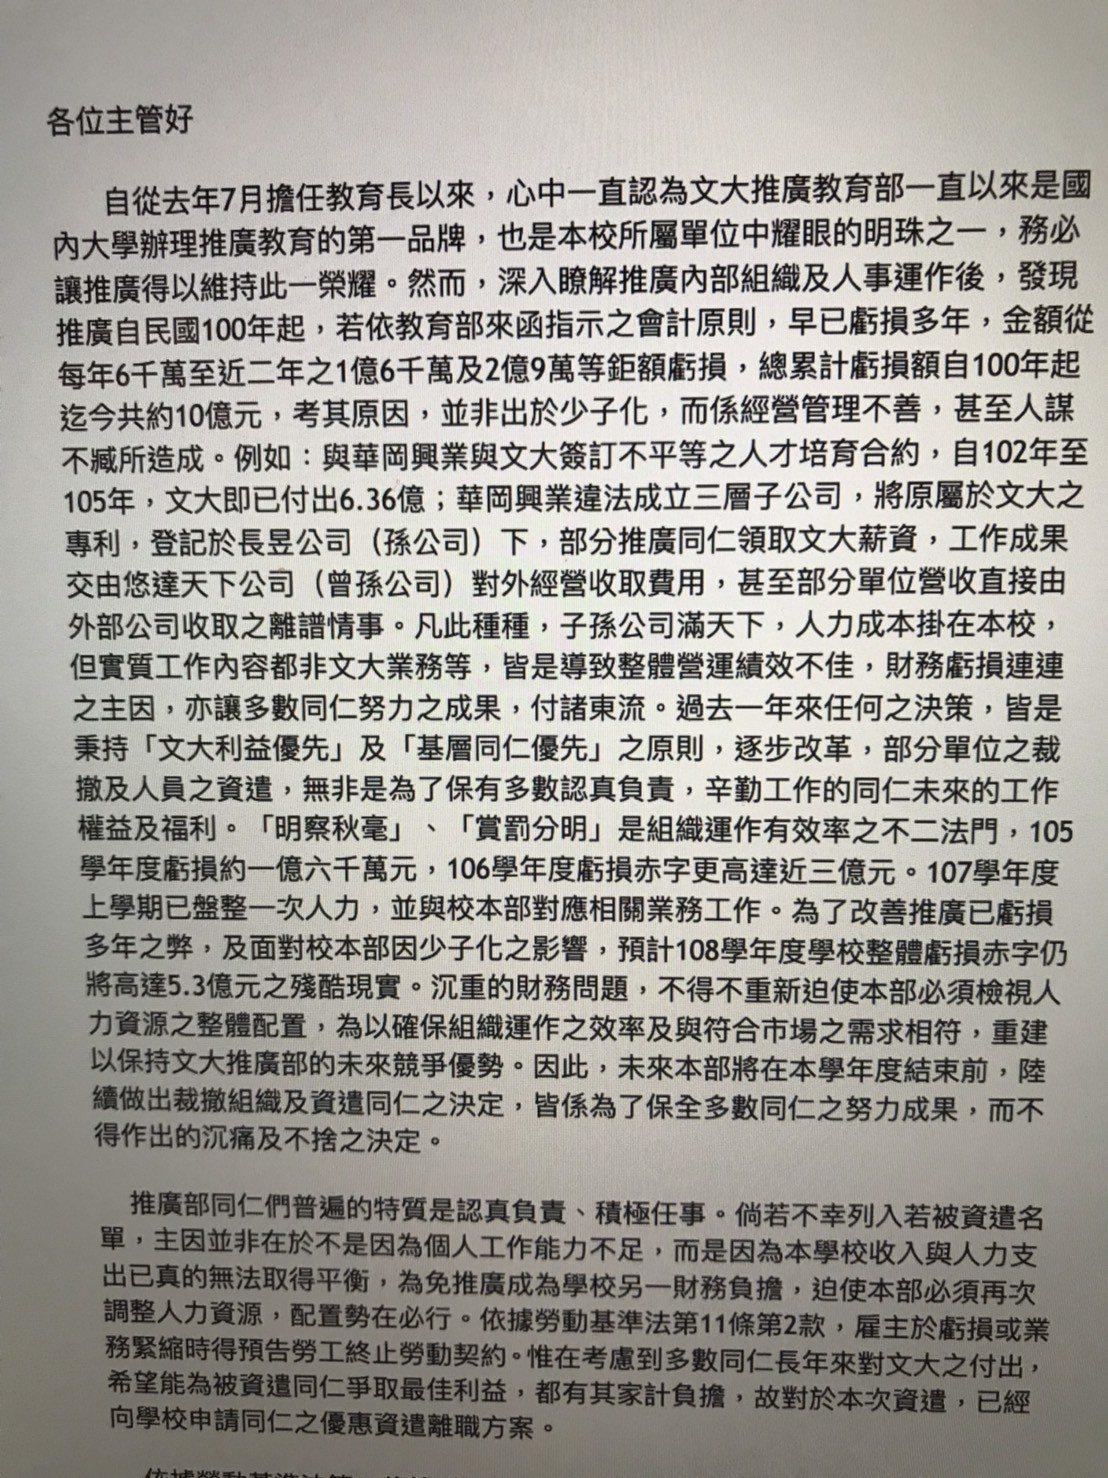 文大推廣教育長許惠峰7月1日發出長達1600字的內部信。記者馮靖惠/翻攝